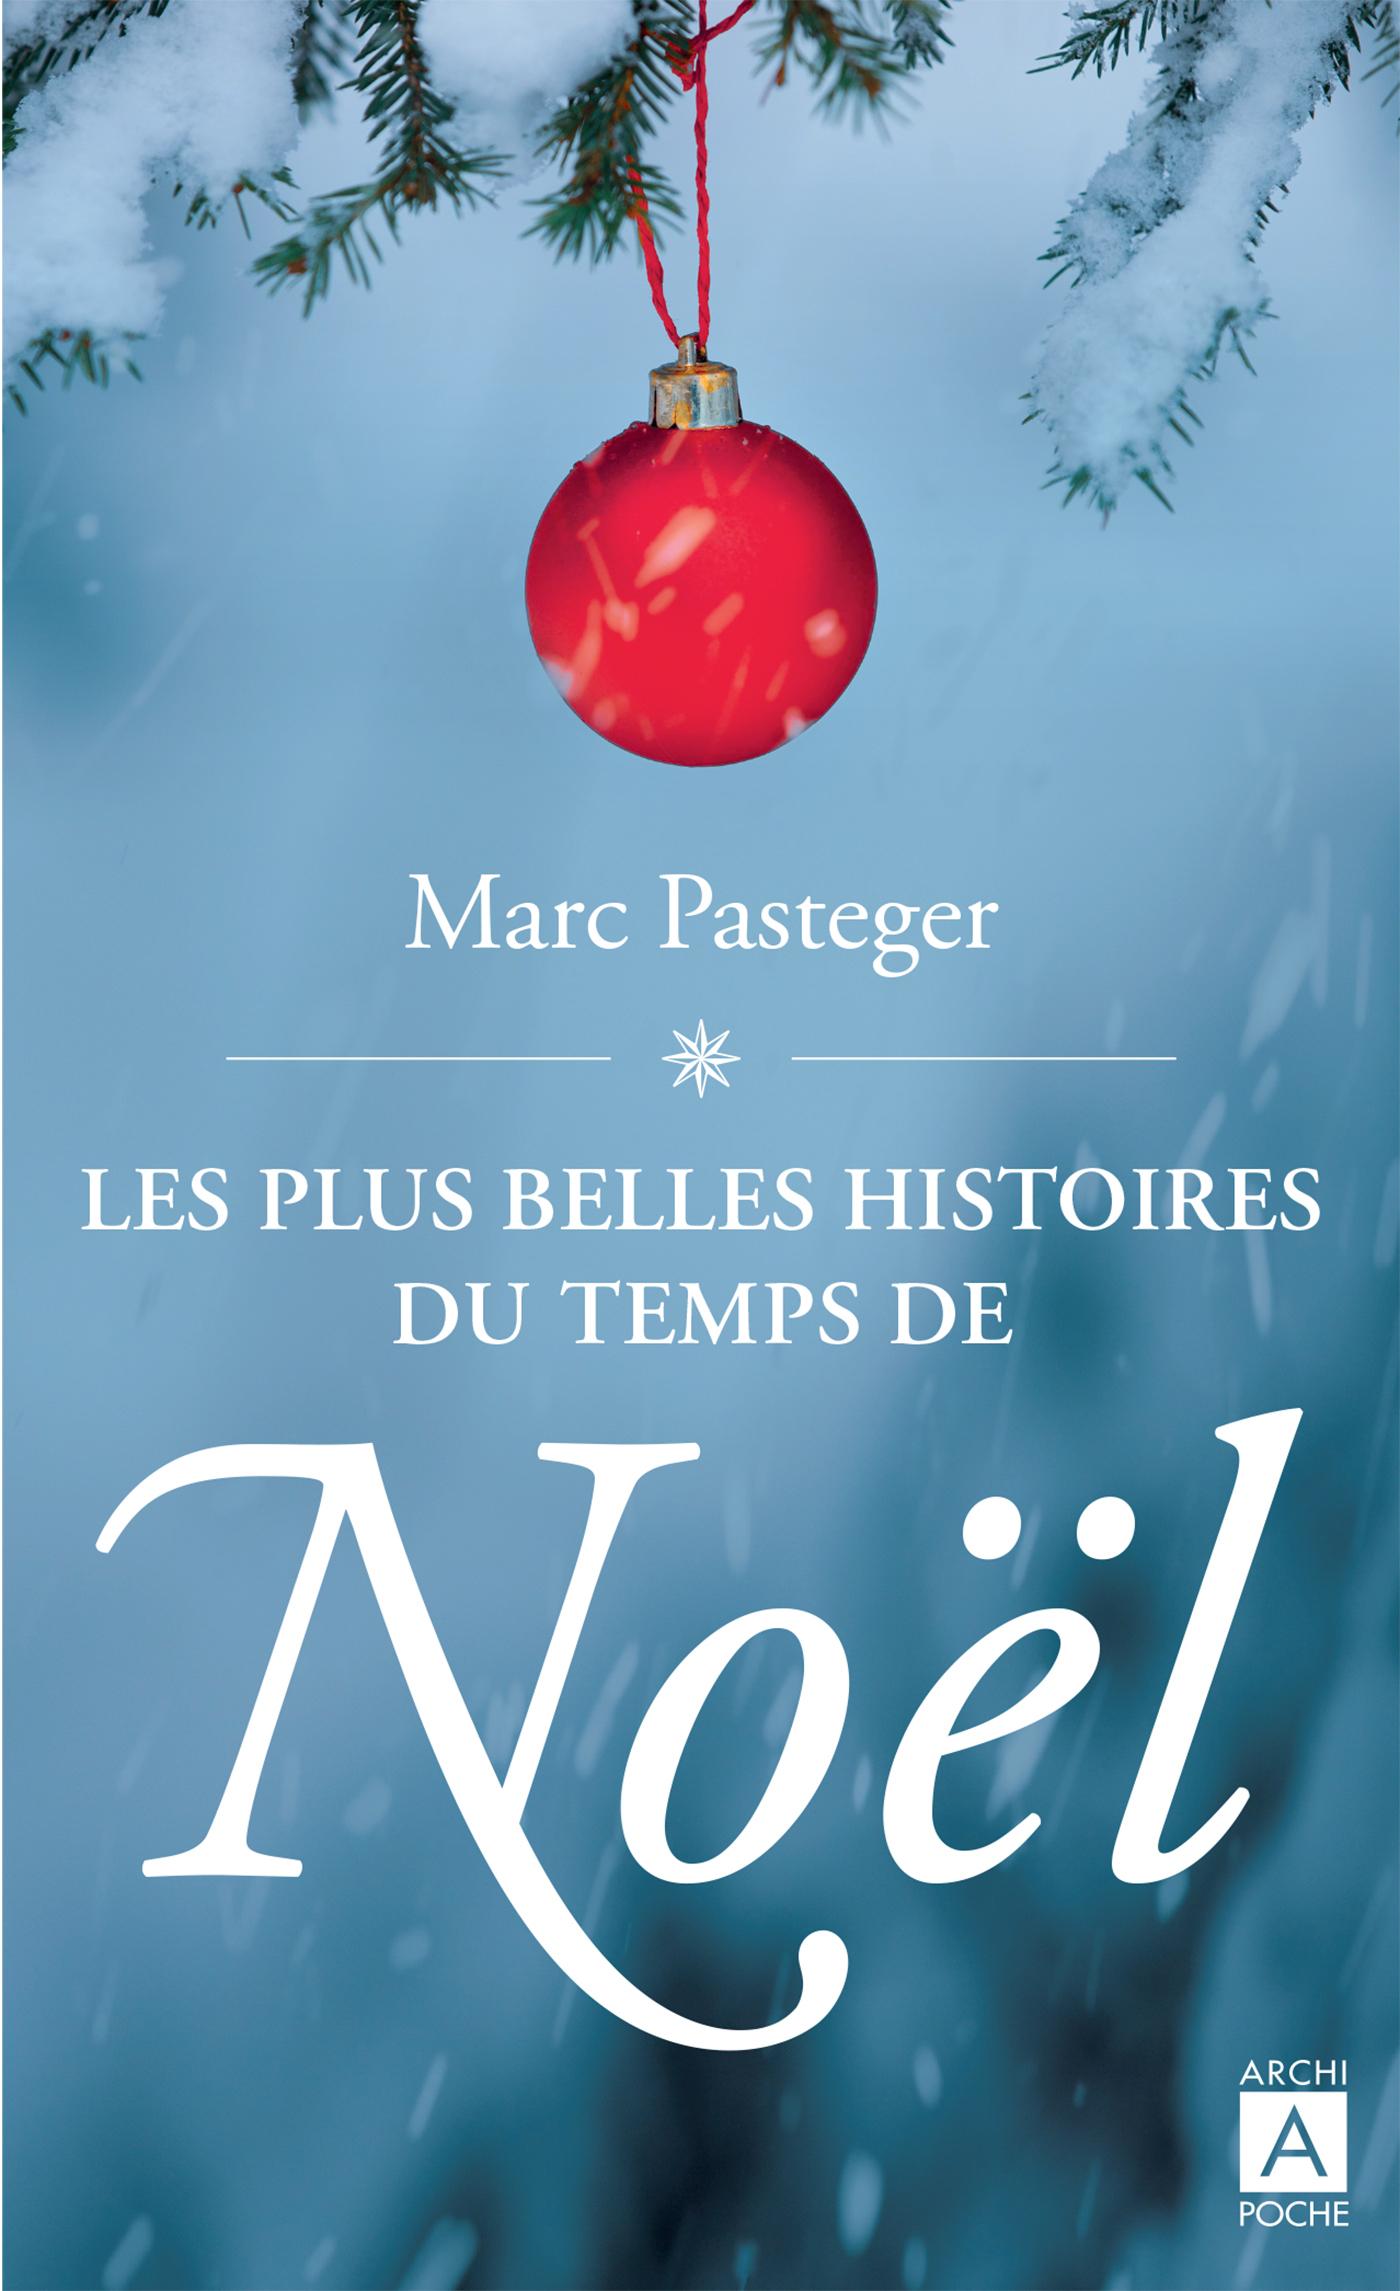 LES PLUS BELLES HISTOIRES DU TEMPS DE NOEL